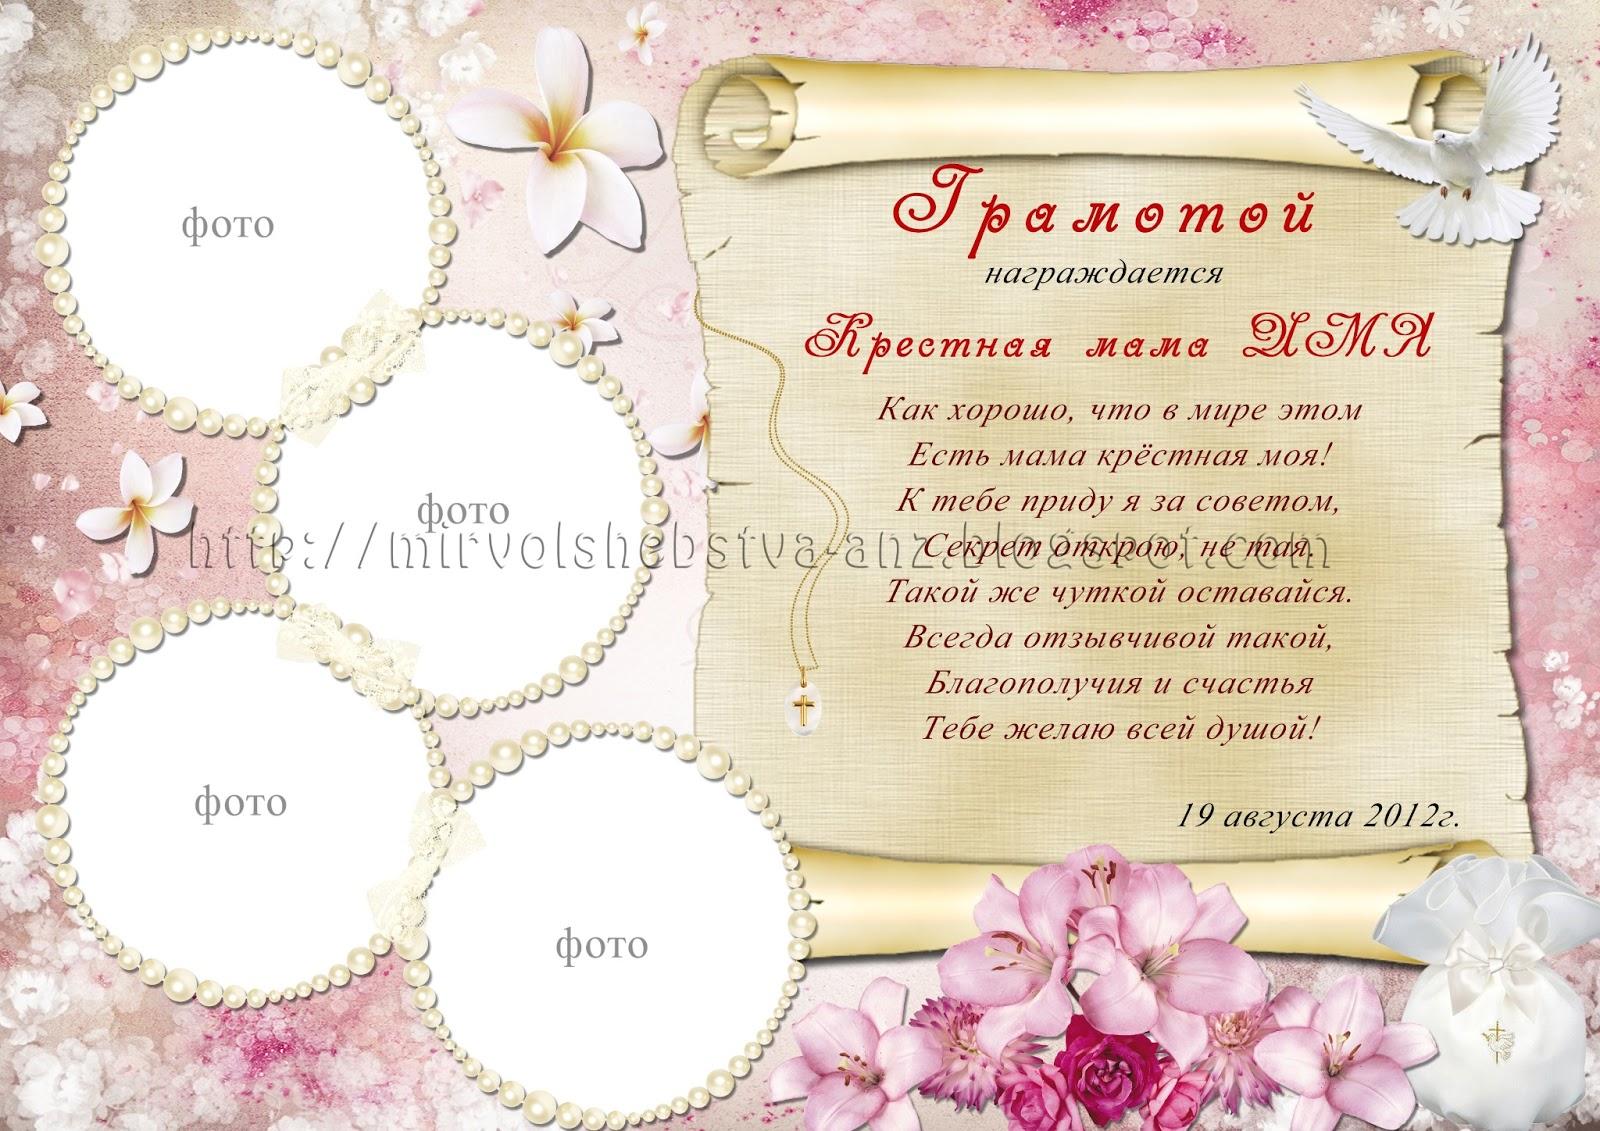 Поздравление с днем свадьбы молодым картинки 52